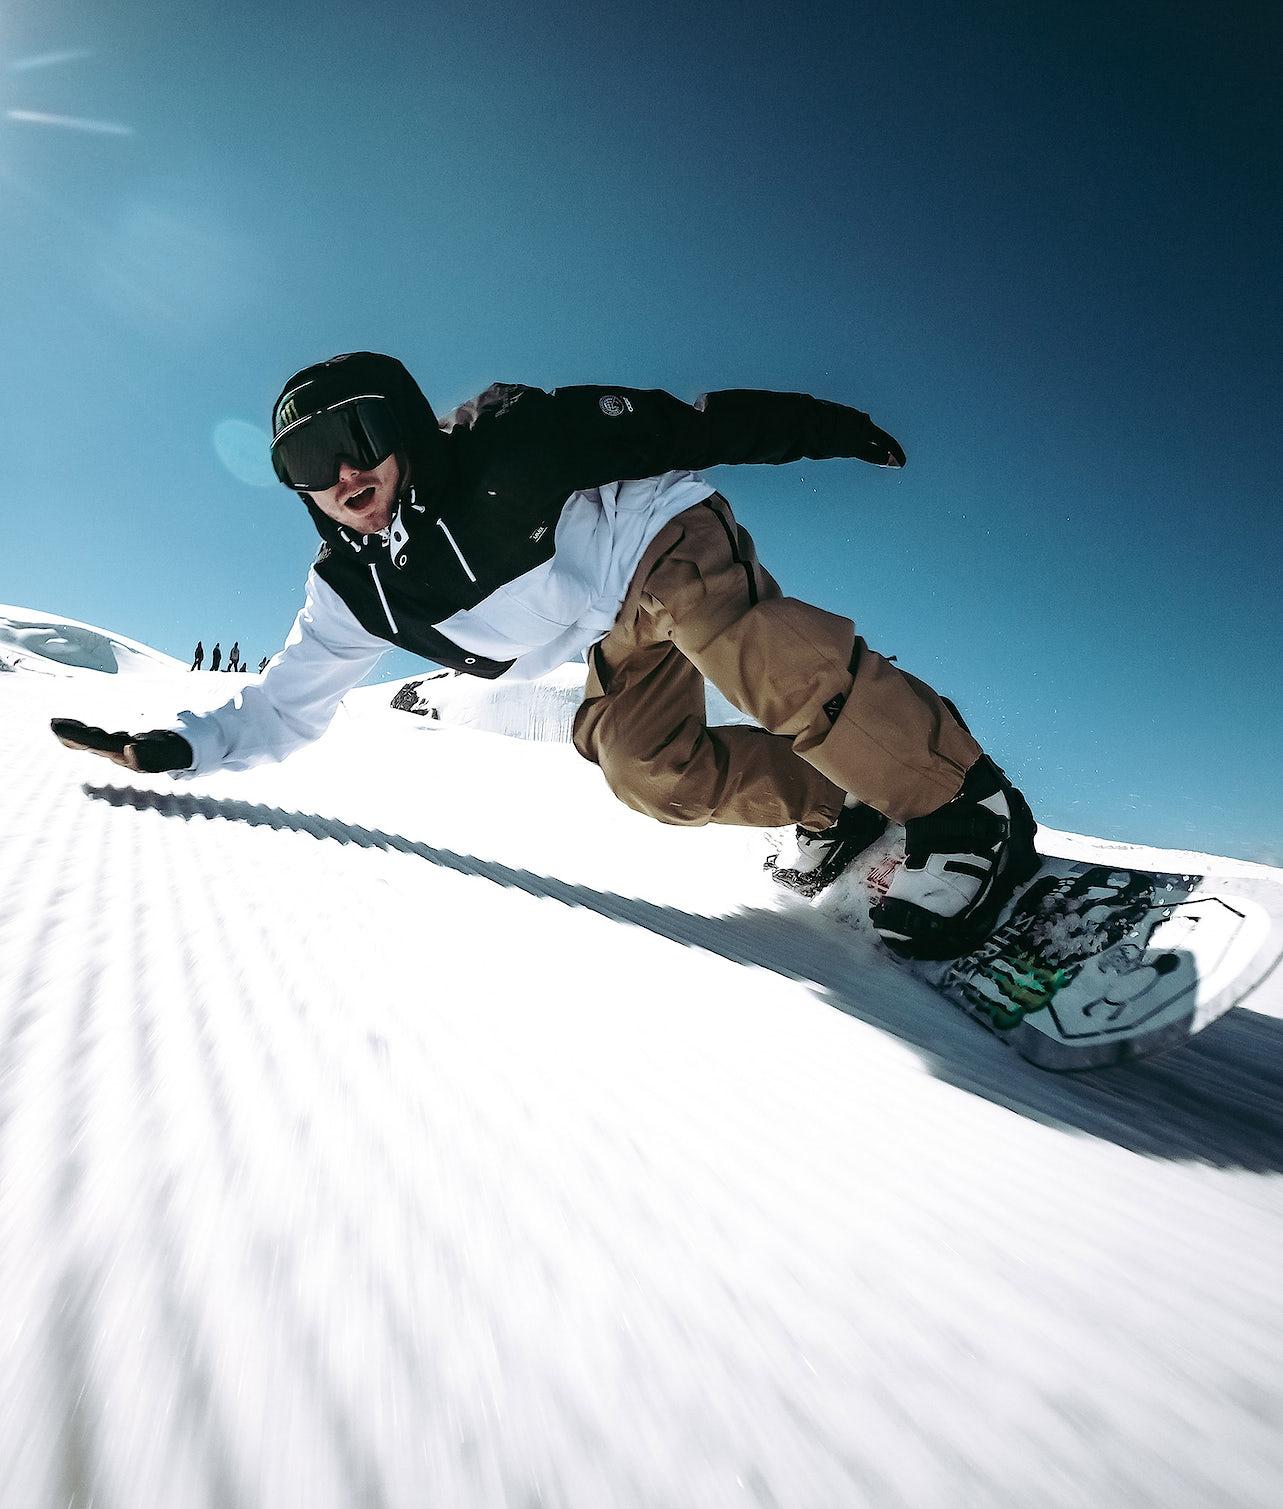 Adept 18 | Achète des Veste de Snowboard de chez Dope sur Ridestore.fr | Bien-sûr, les frais de ports sont offerts et les retours gratuits pendant 30 jours !